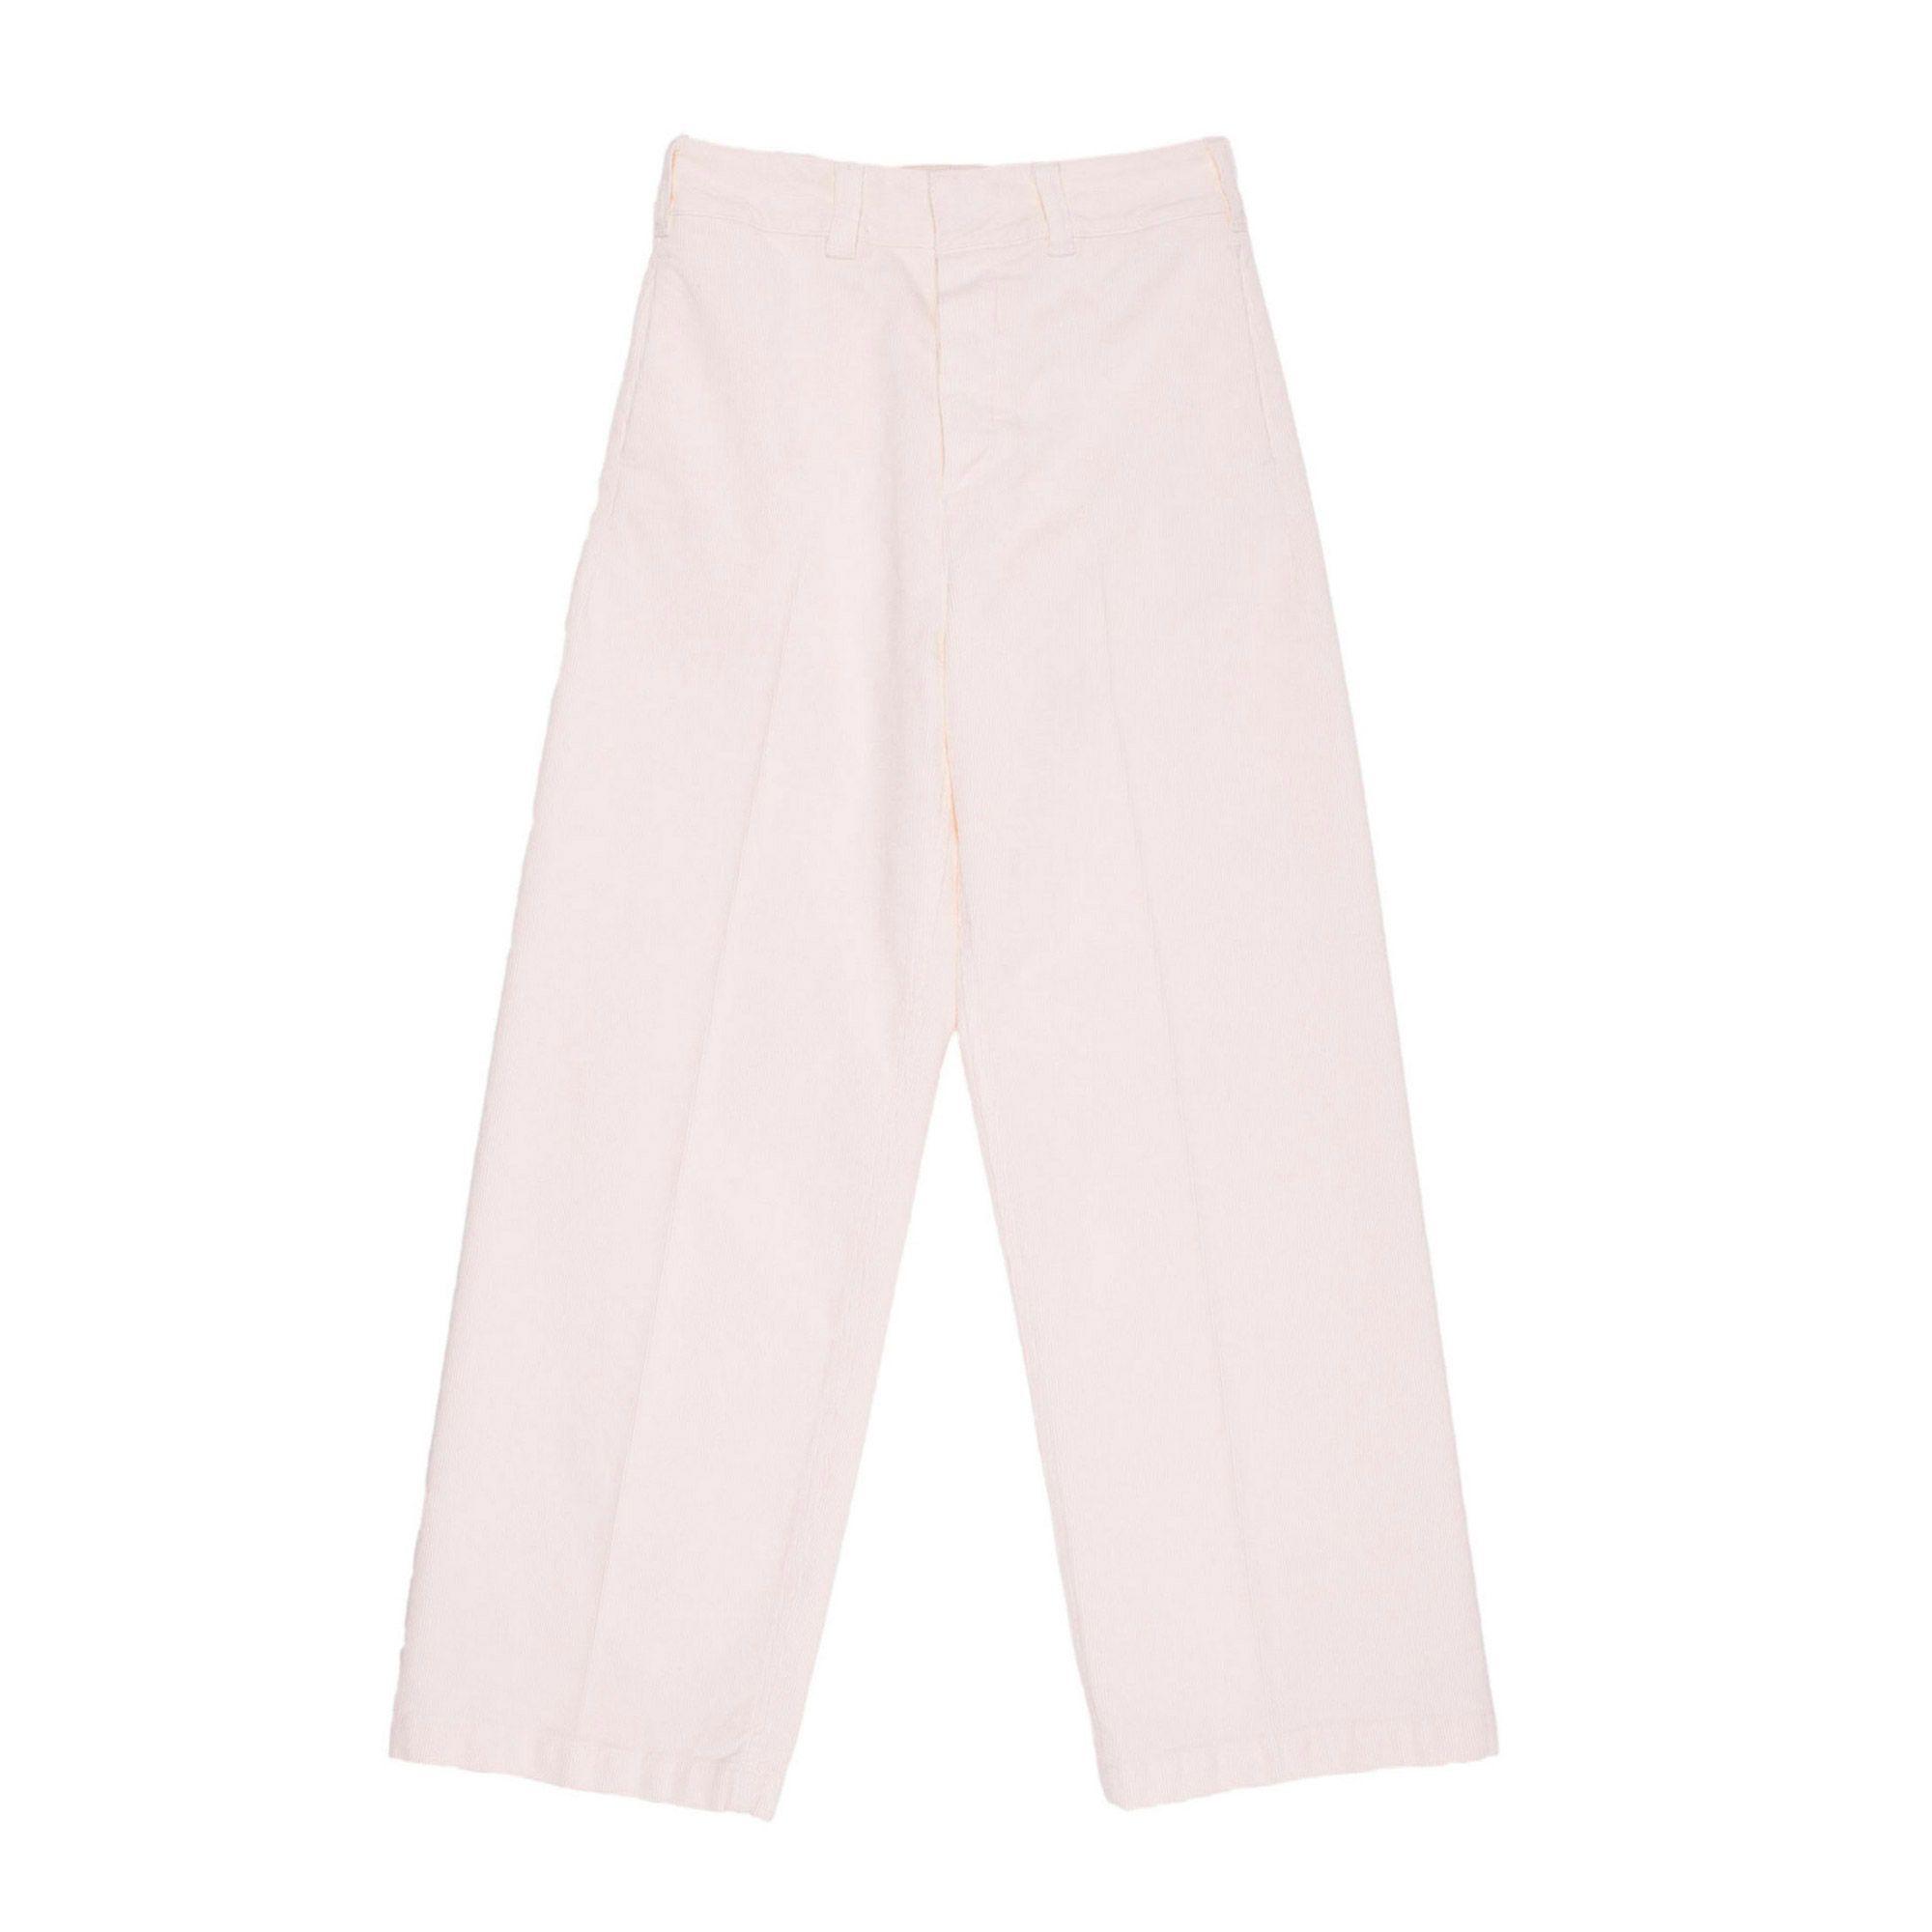 department 5 due 1000 righe femme pantalon D19P51